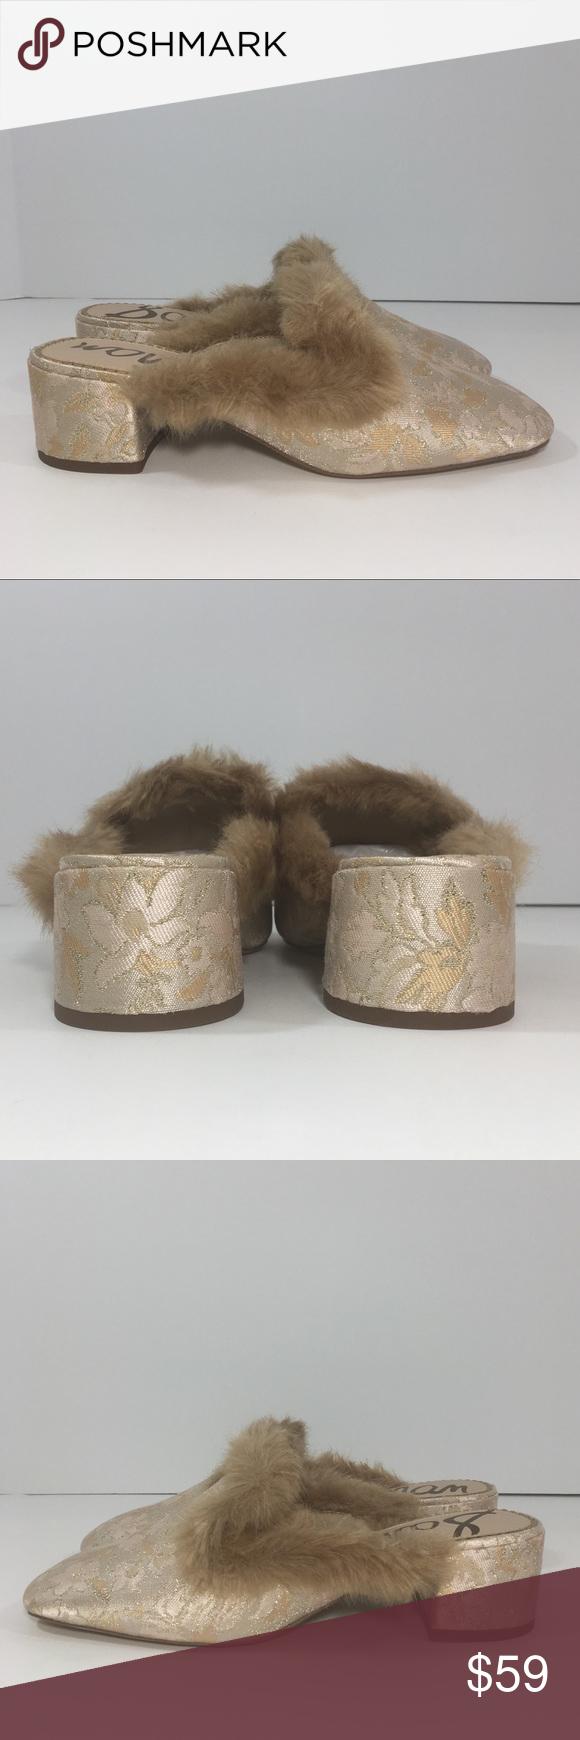 f5c3f17aafd Sam Edelman Adair Faux Fur Block Heel Mules New Sam Edelman Adair Floral Fur -Trimmed